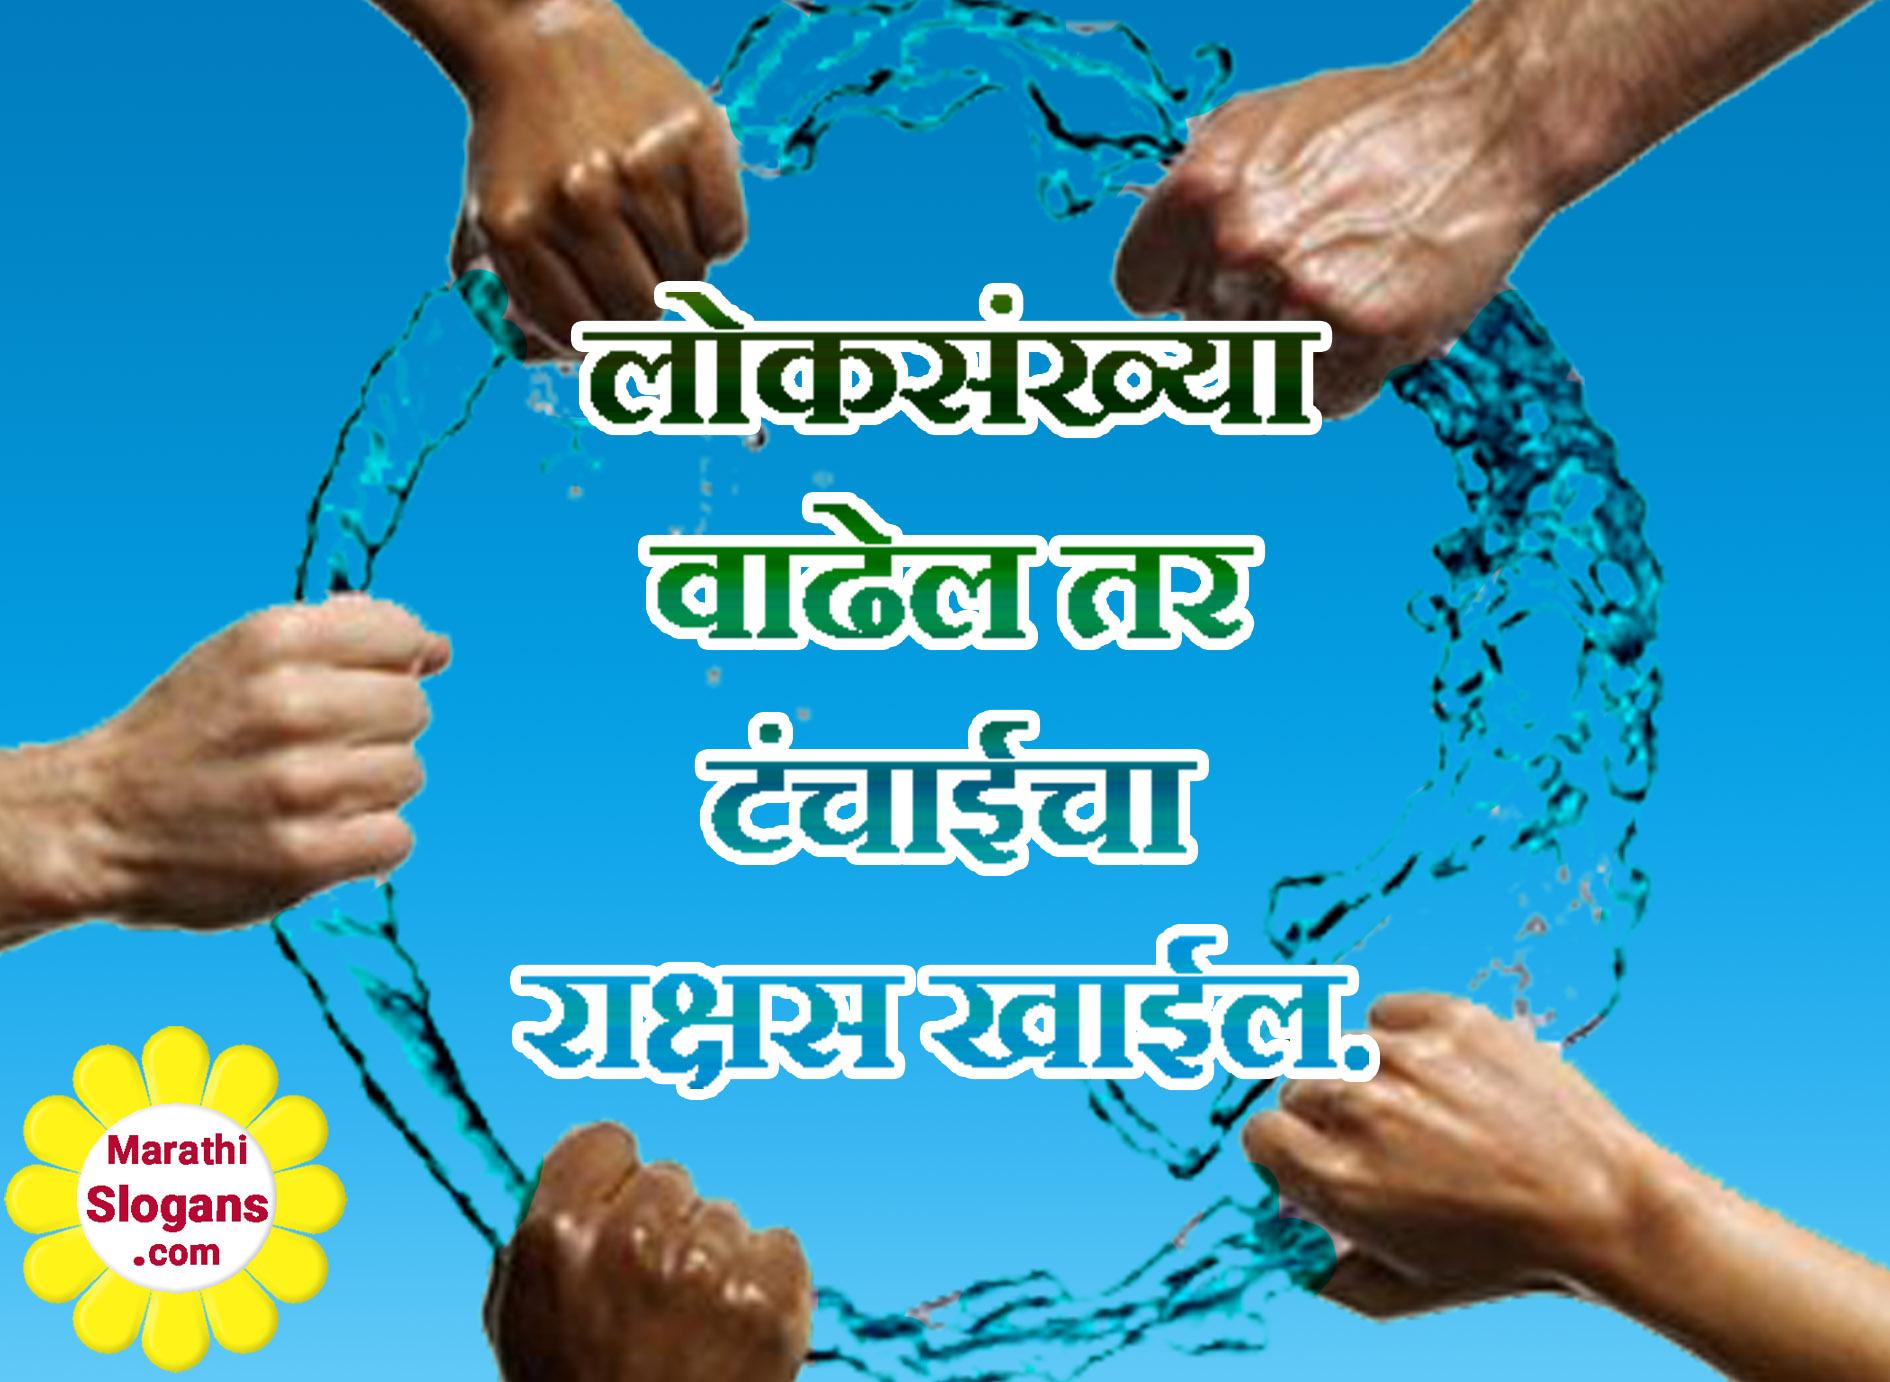 loksankhya vaadhel tar marathi slogans